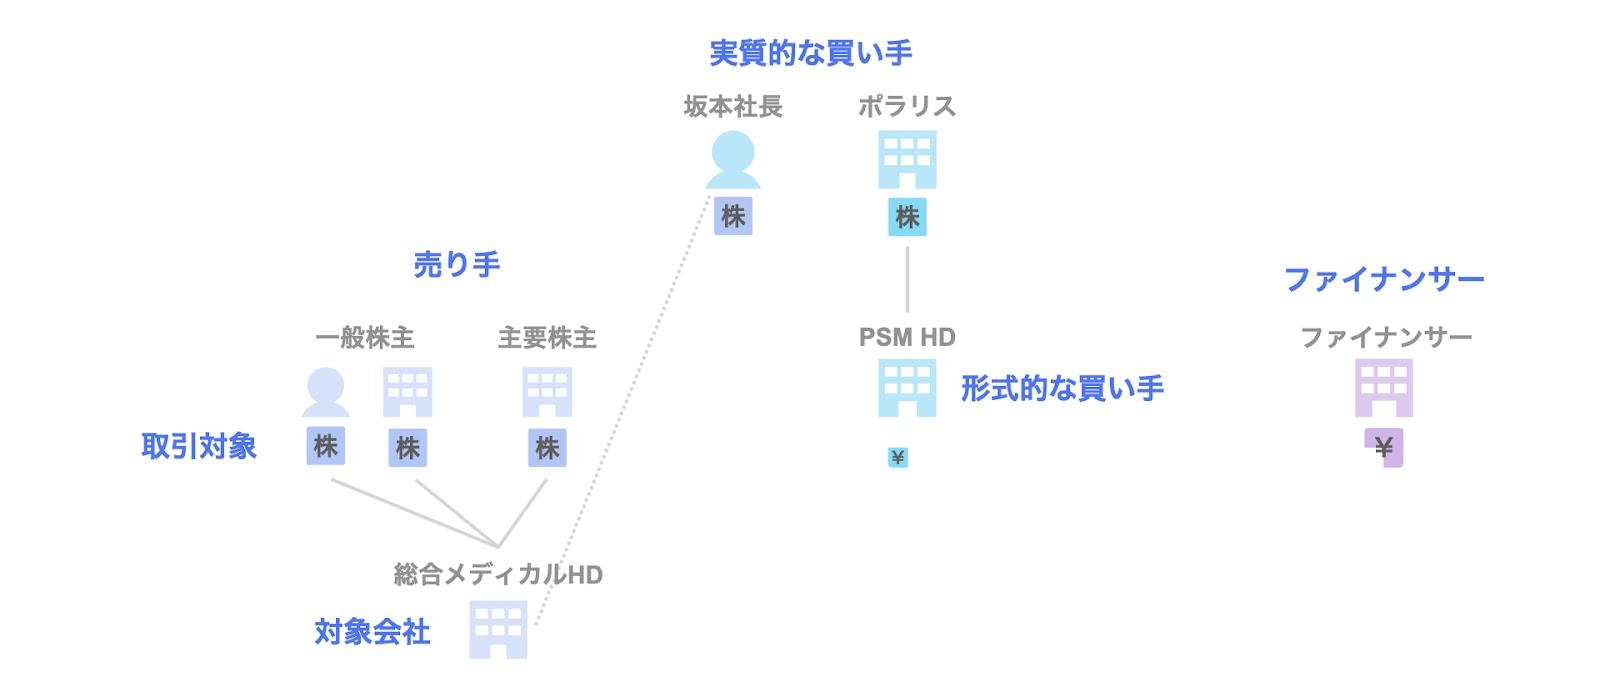 PEファンドとのMBOによる非公開化事例3. 総合メディカルホールディングス(ポラリス・キャピタル・グループ)の関係者